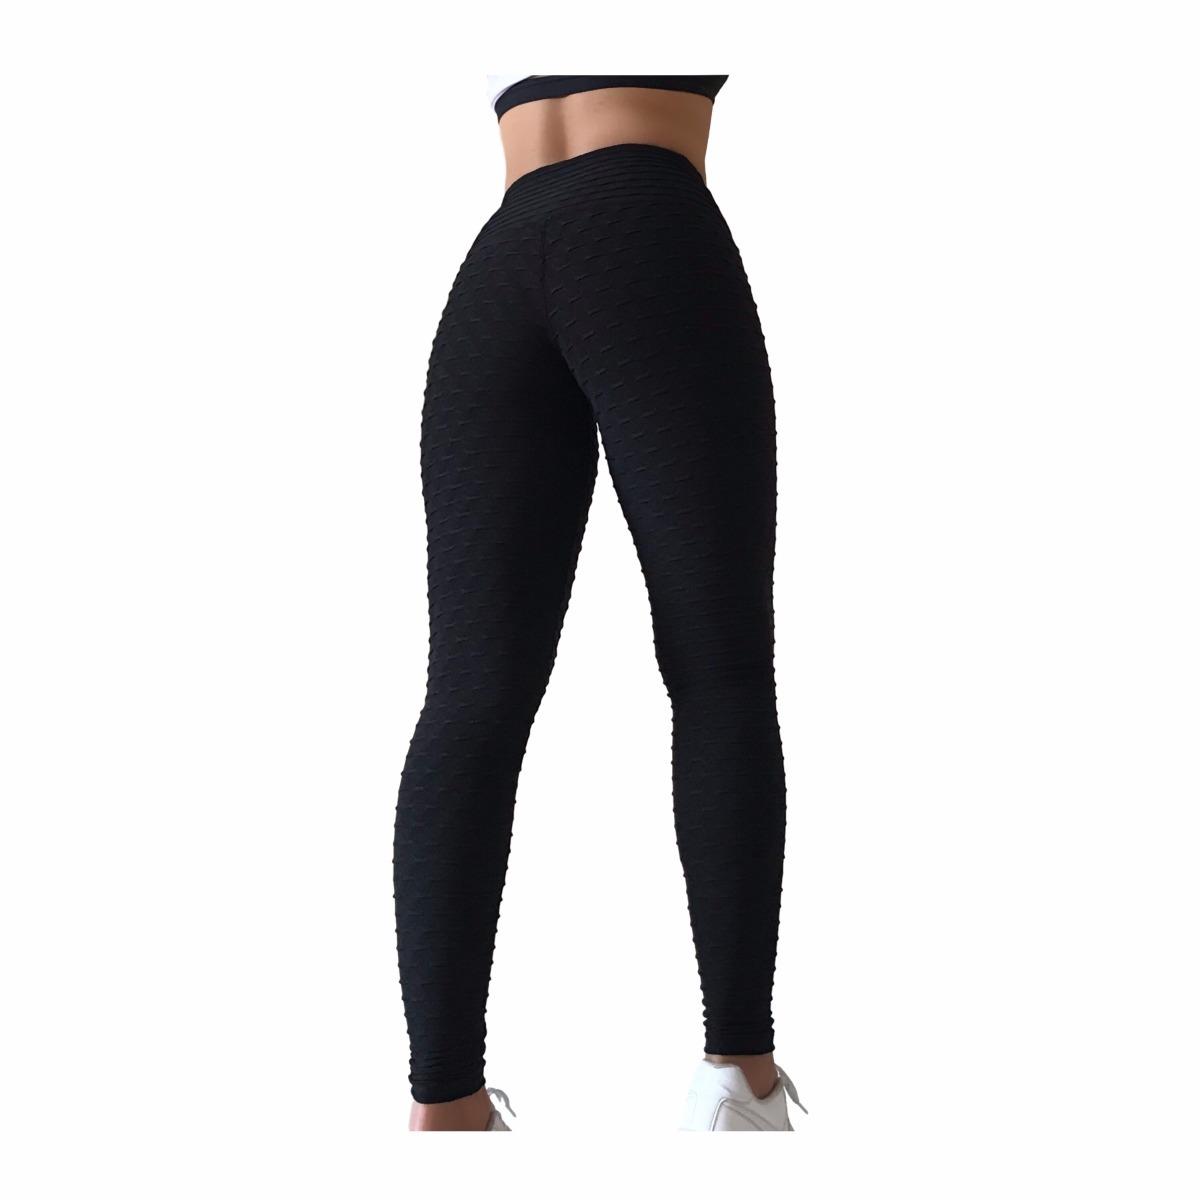 289574708 kit 4 calças skinny colmeia moda feminina legging atacado. Carregando zoom.